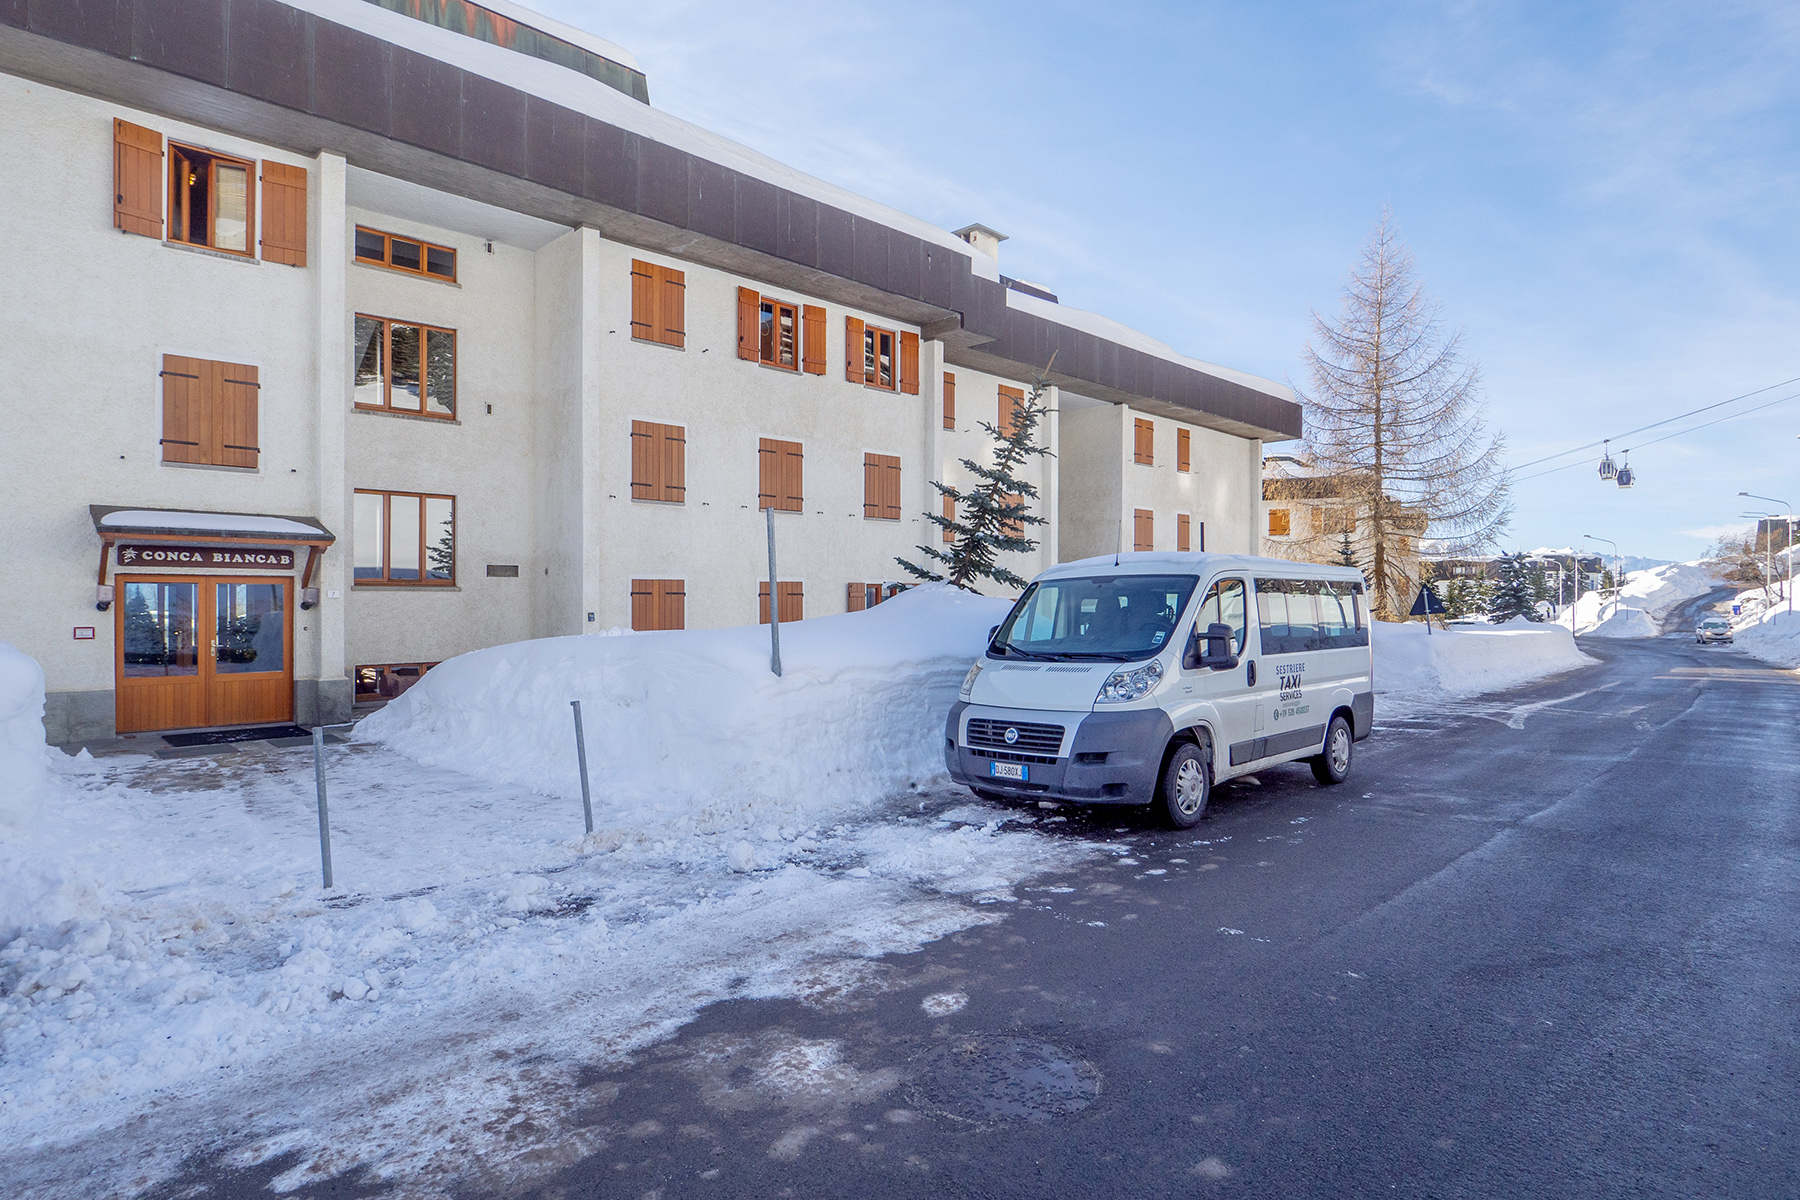 Appartamento in Vendita a Sestriere: 1 locali, 53 mq - Foto 20